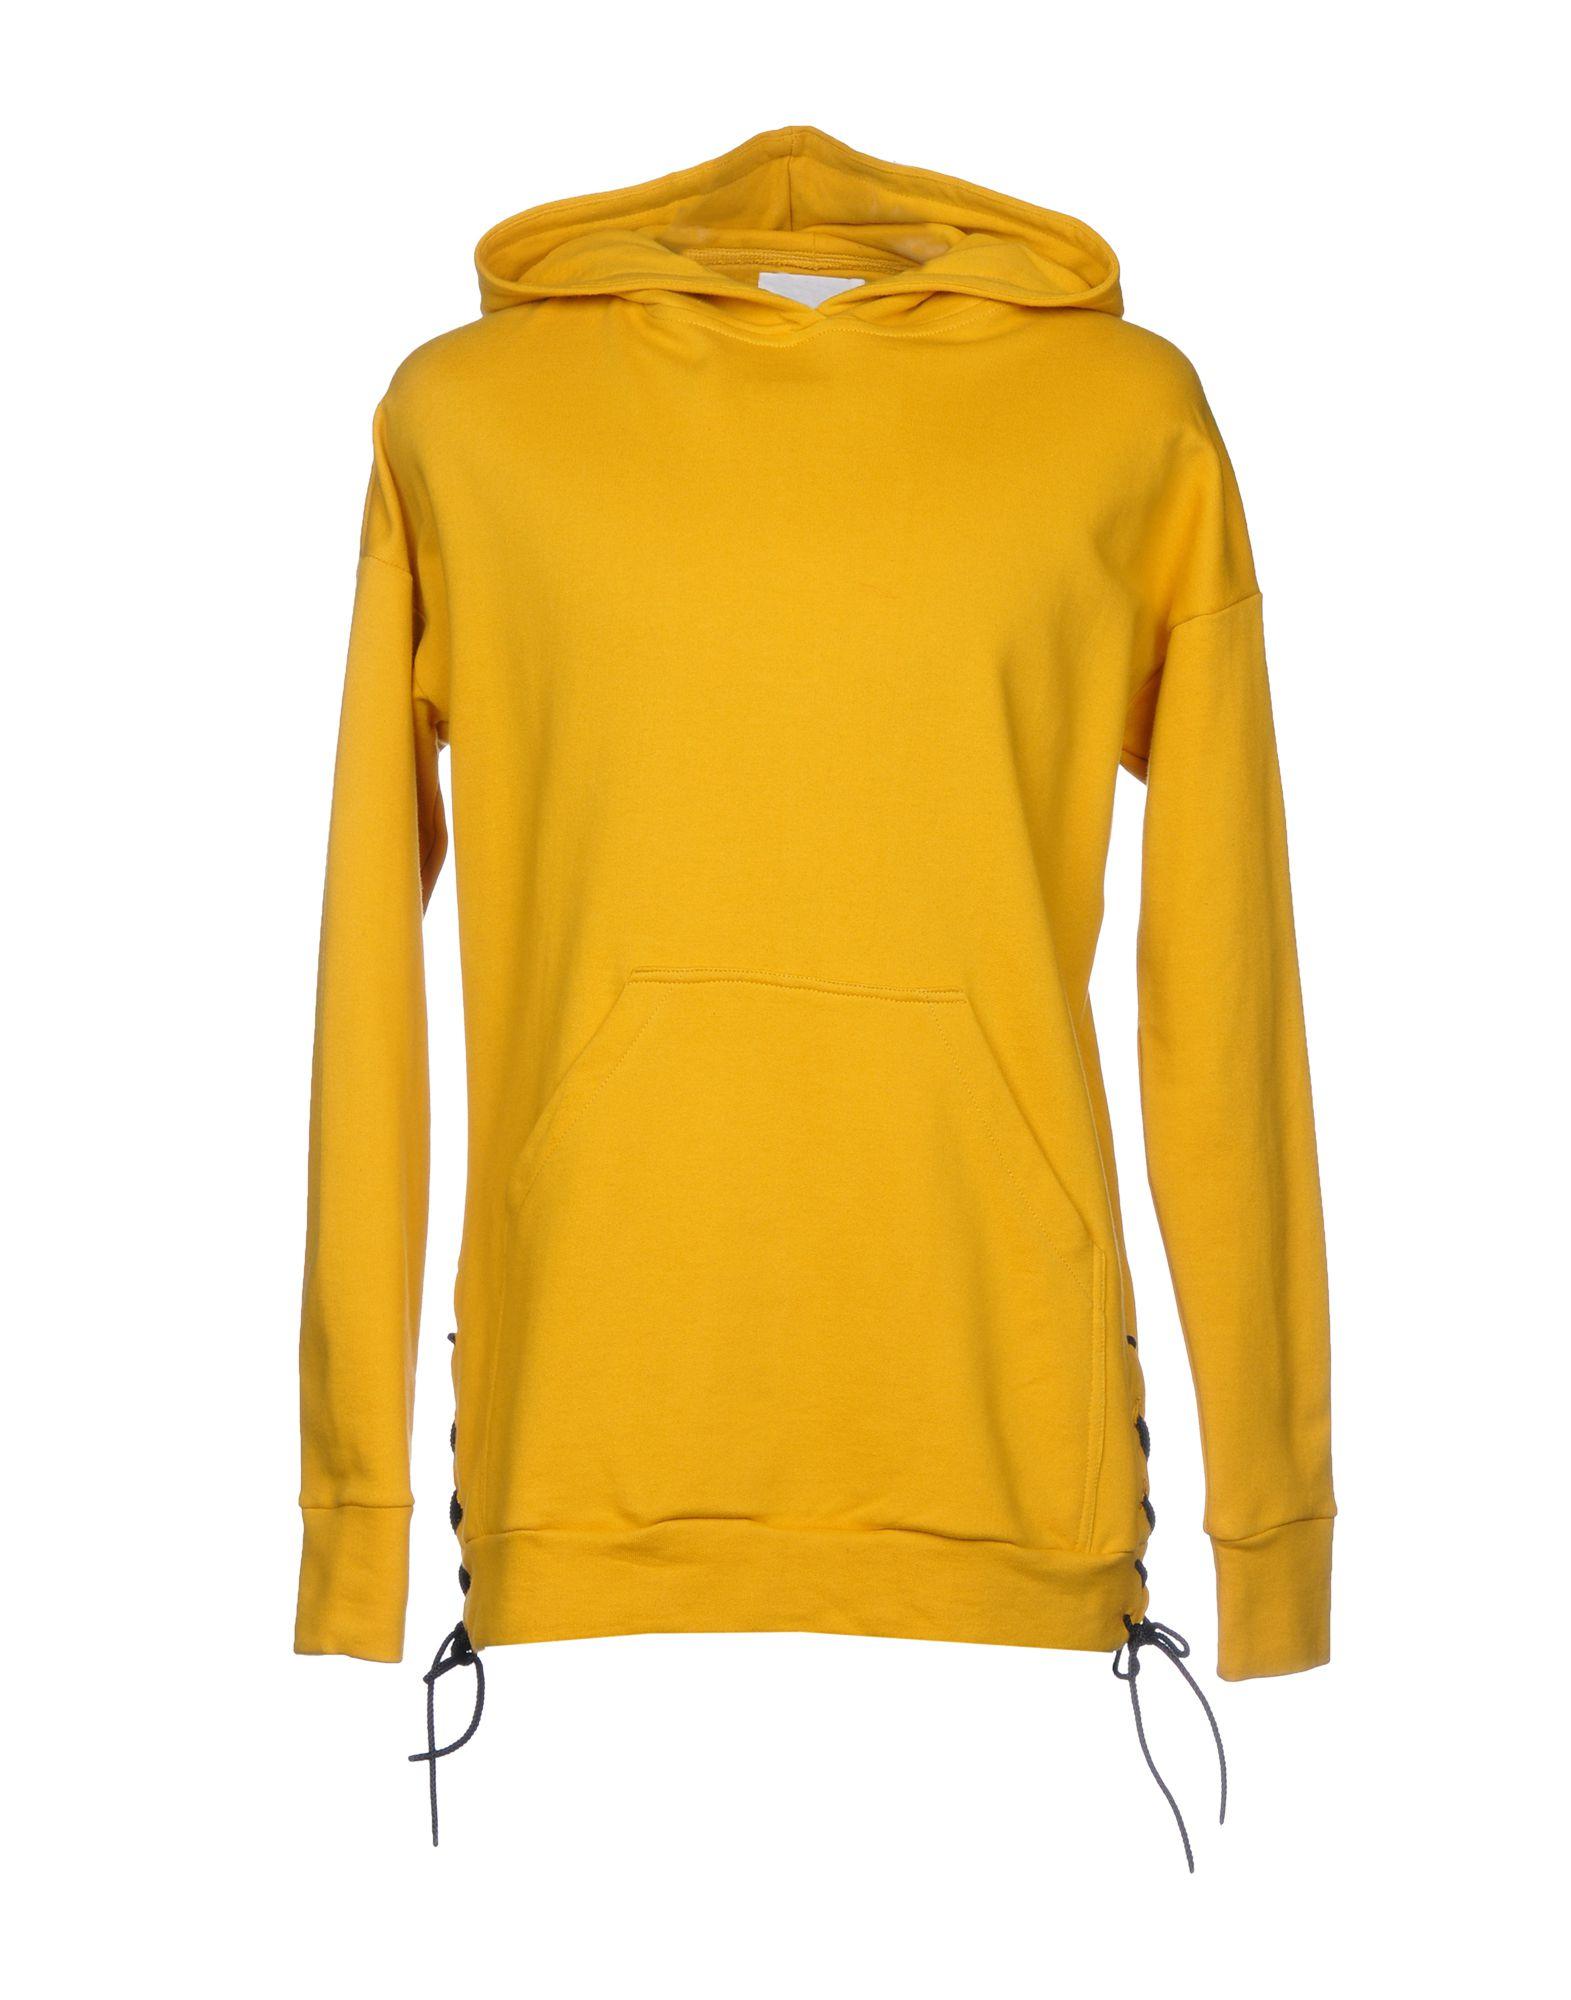 ADYN Hooded Sweatshirt in Ocher